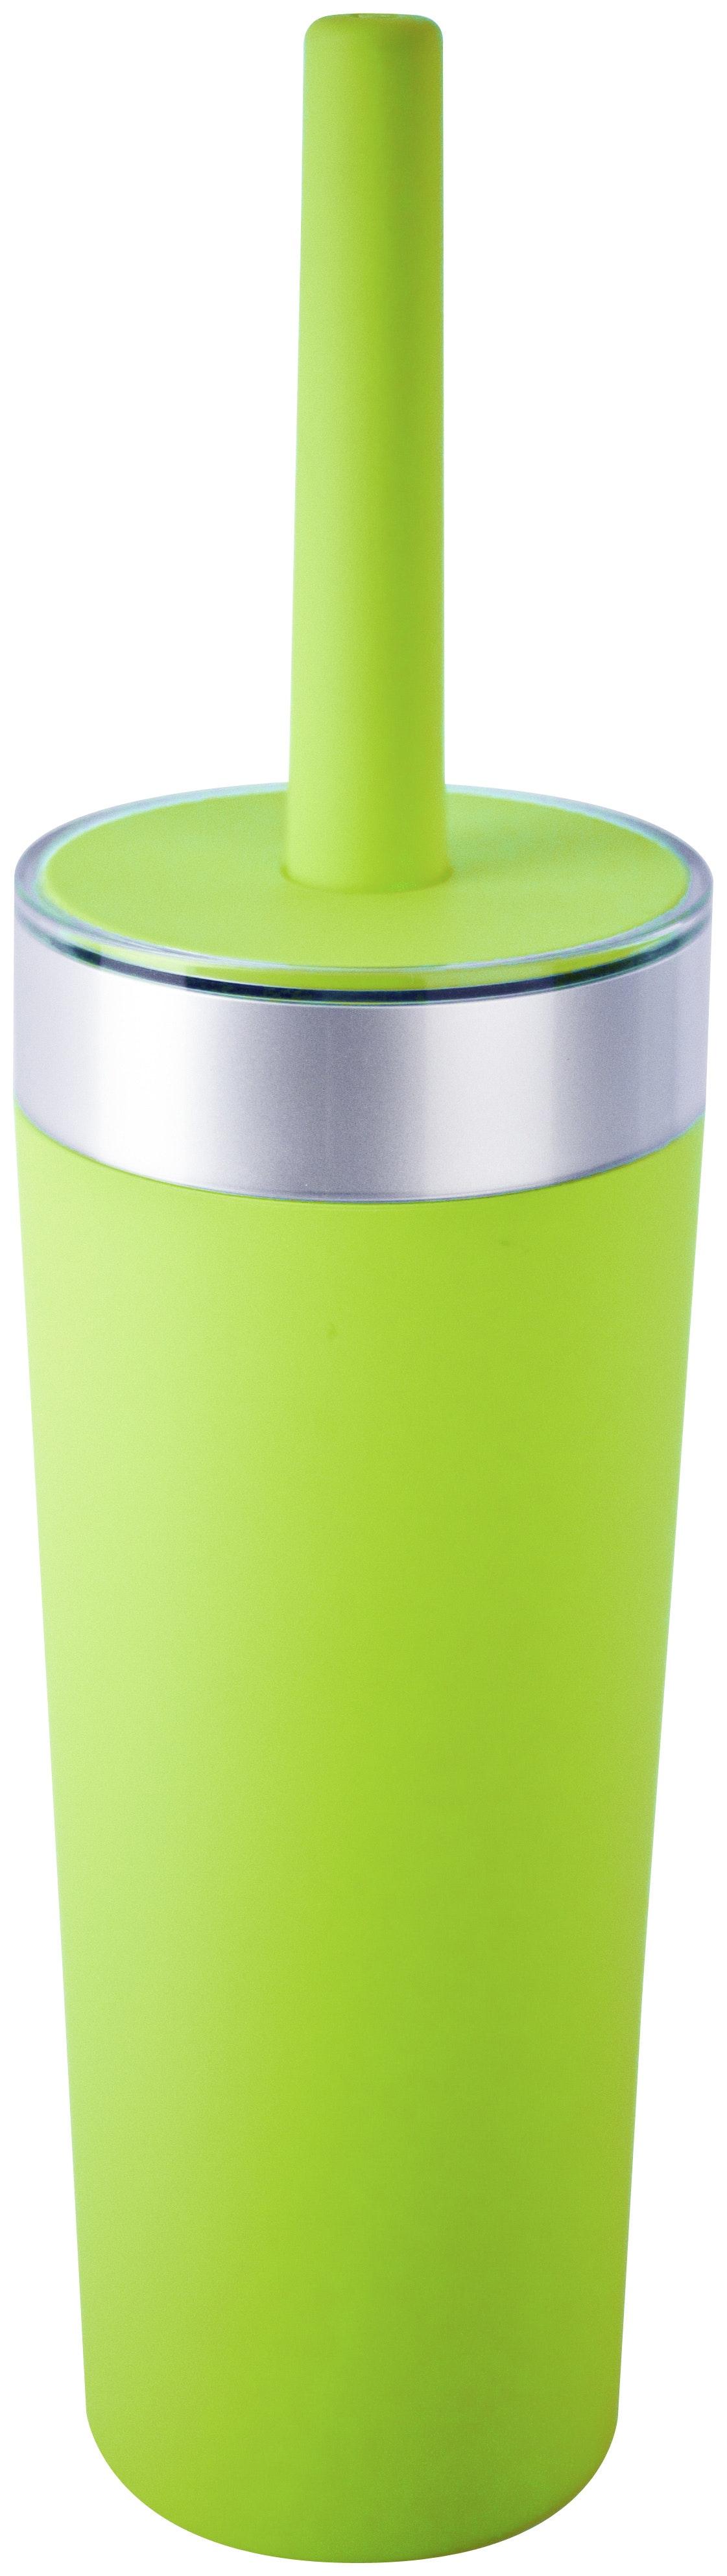 Wc-Borste Duschy Sober 848-55 limegrön